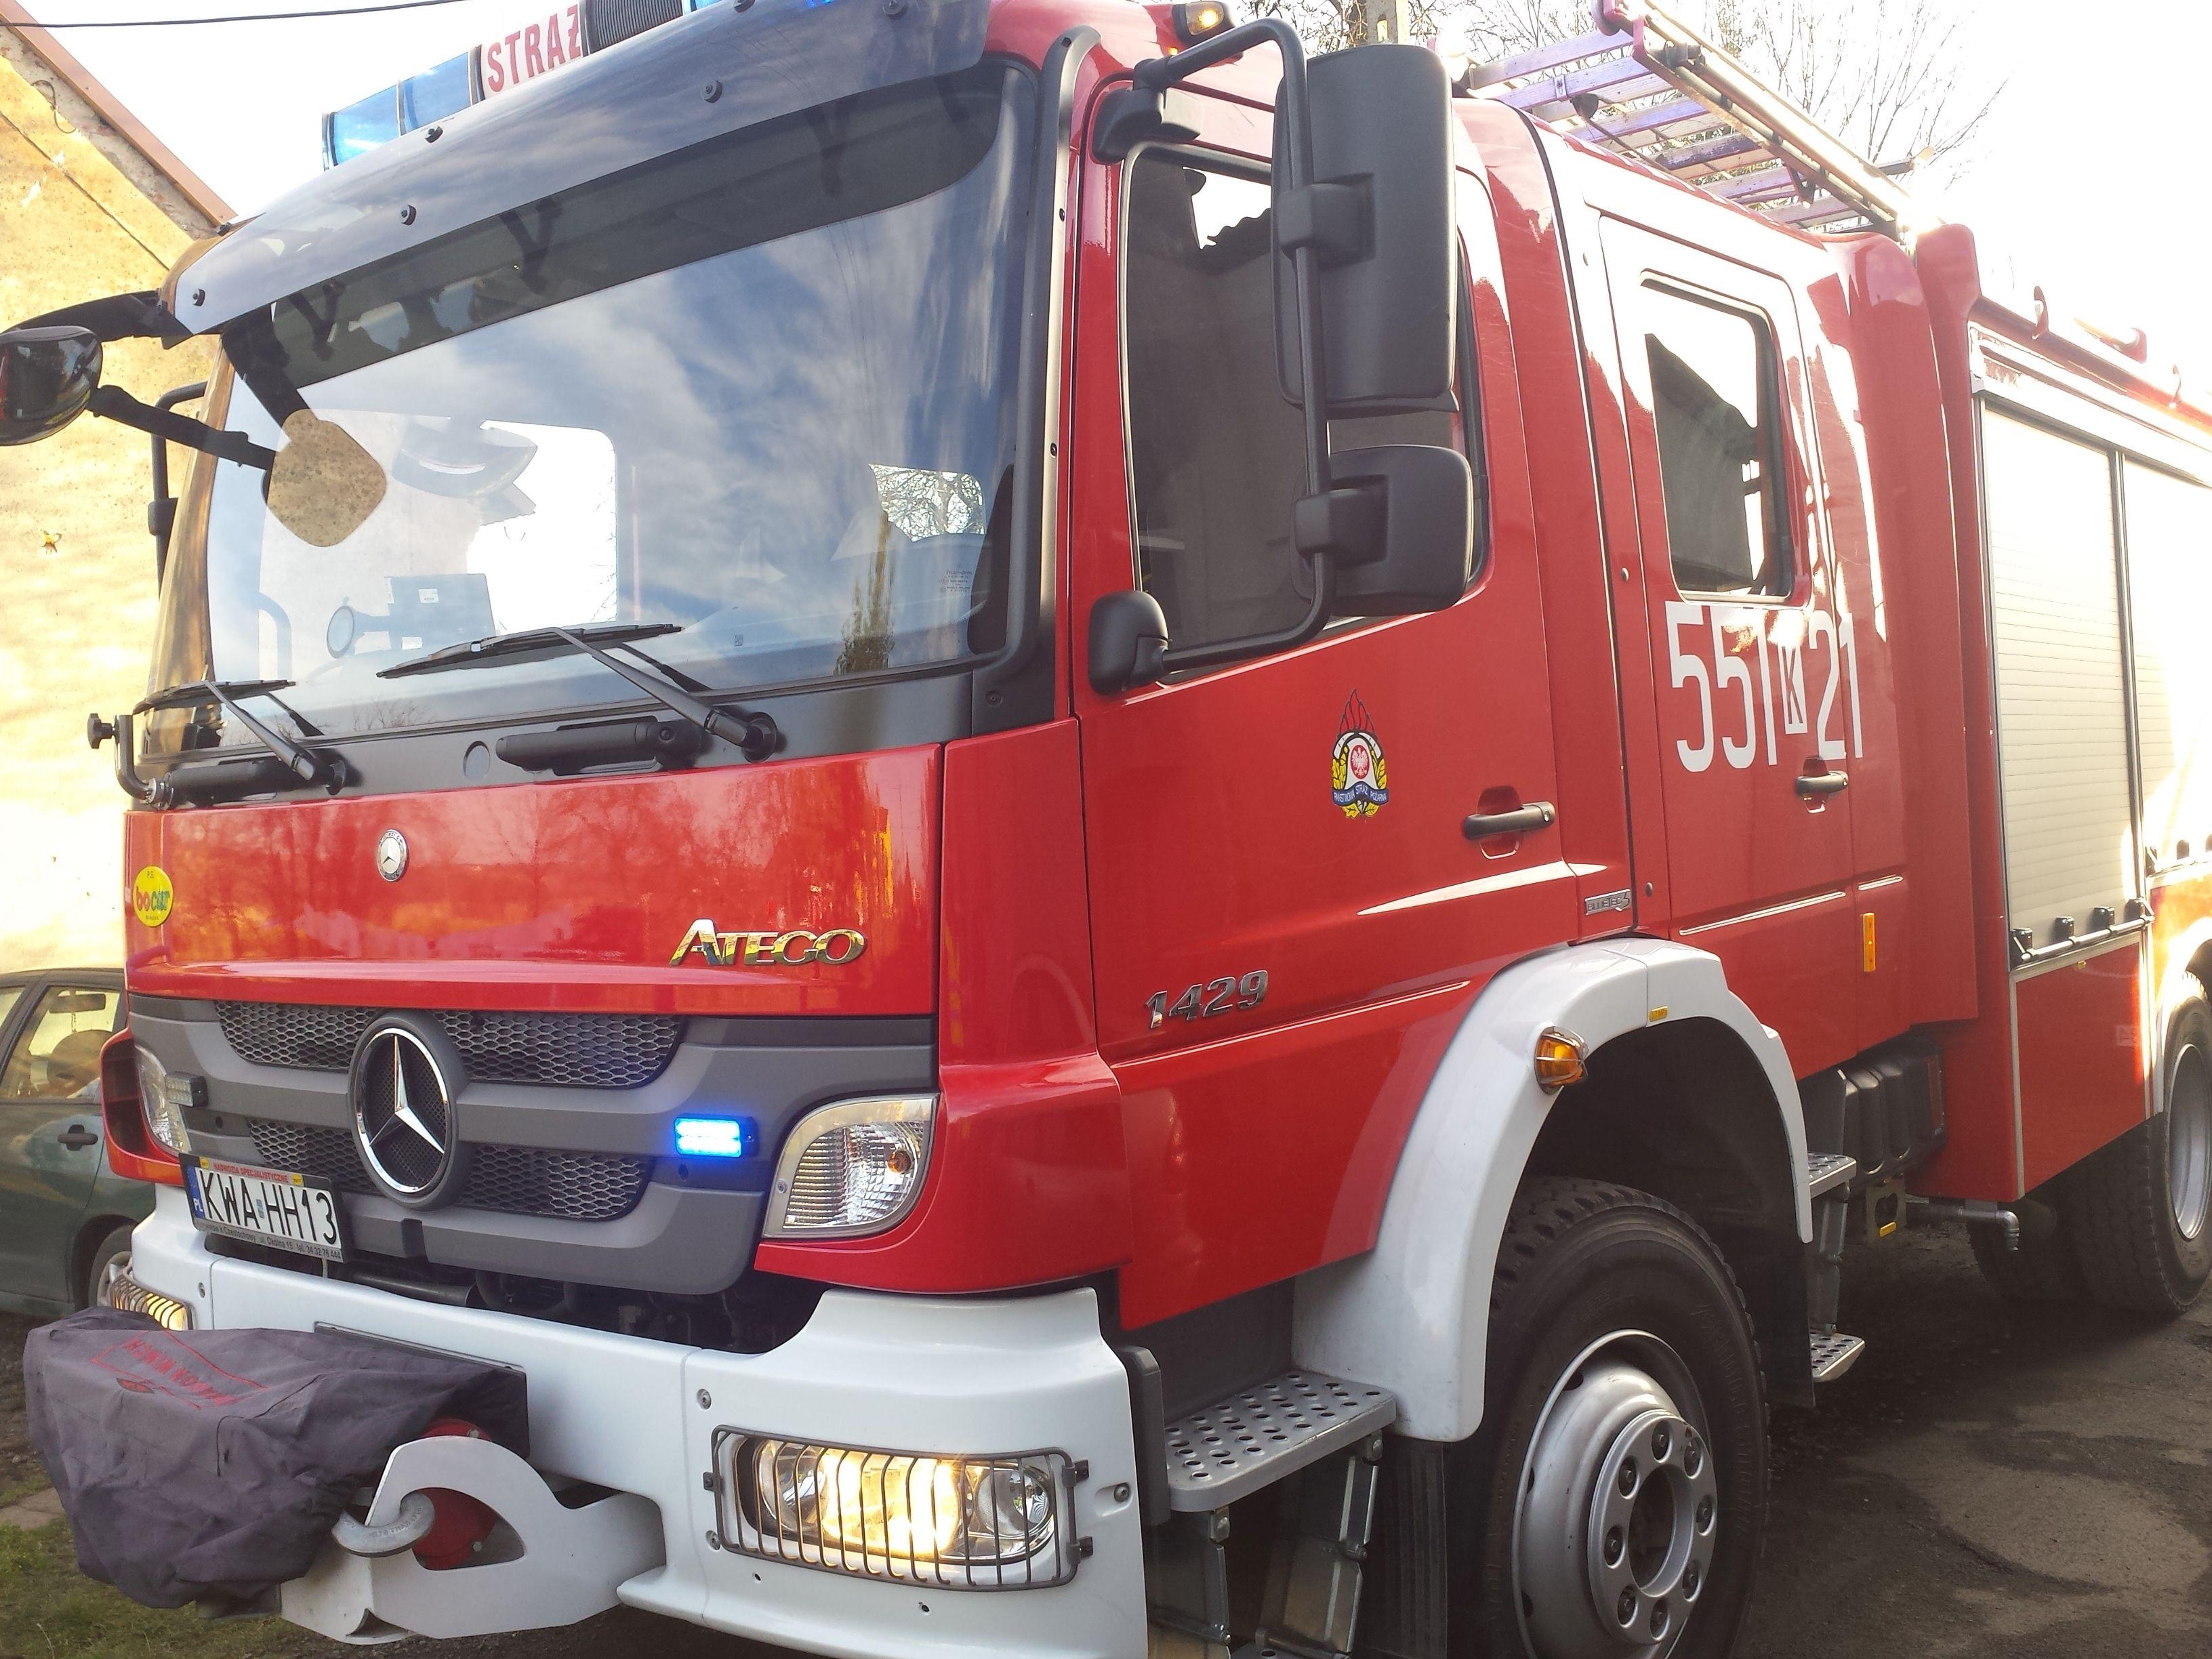 Strażacy zaalarmowani o pożarze domu, a tymczasem...